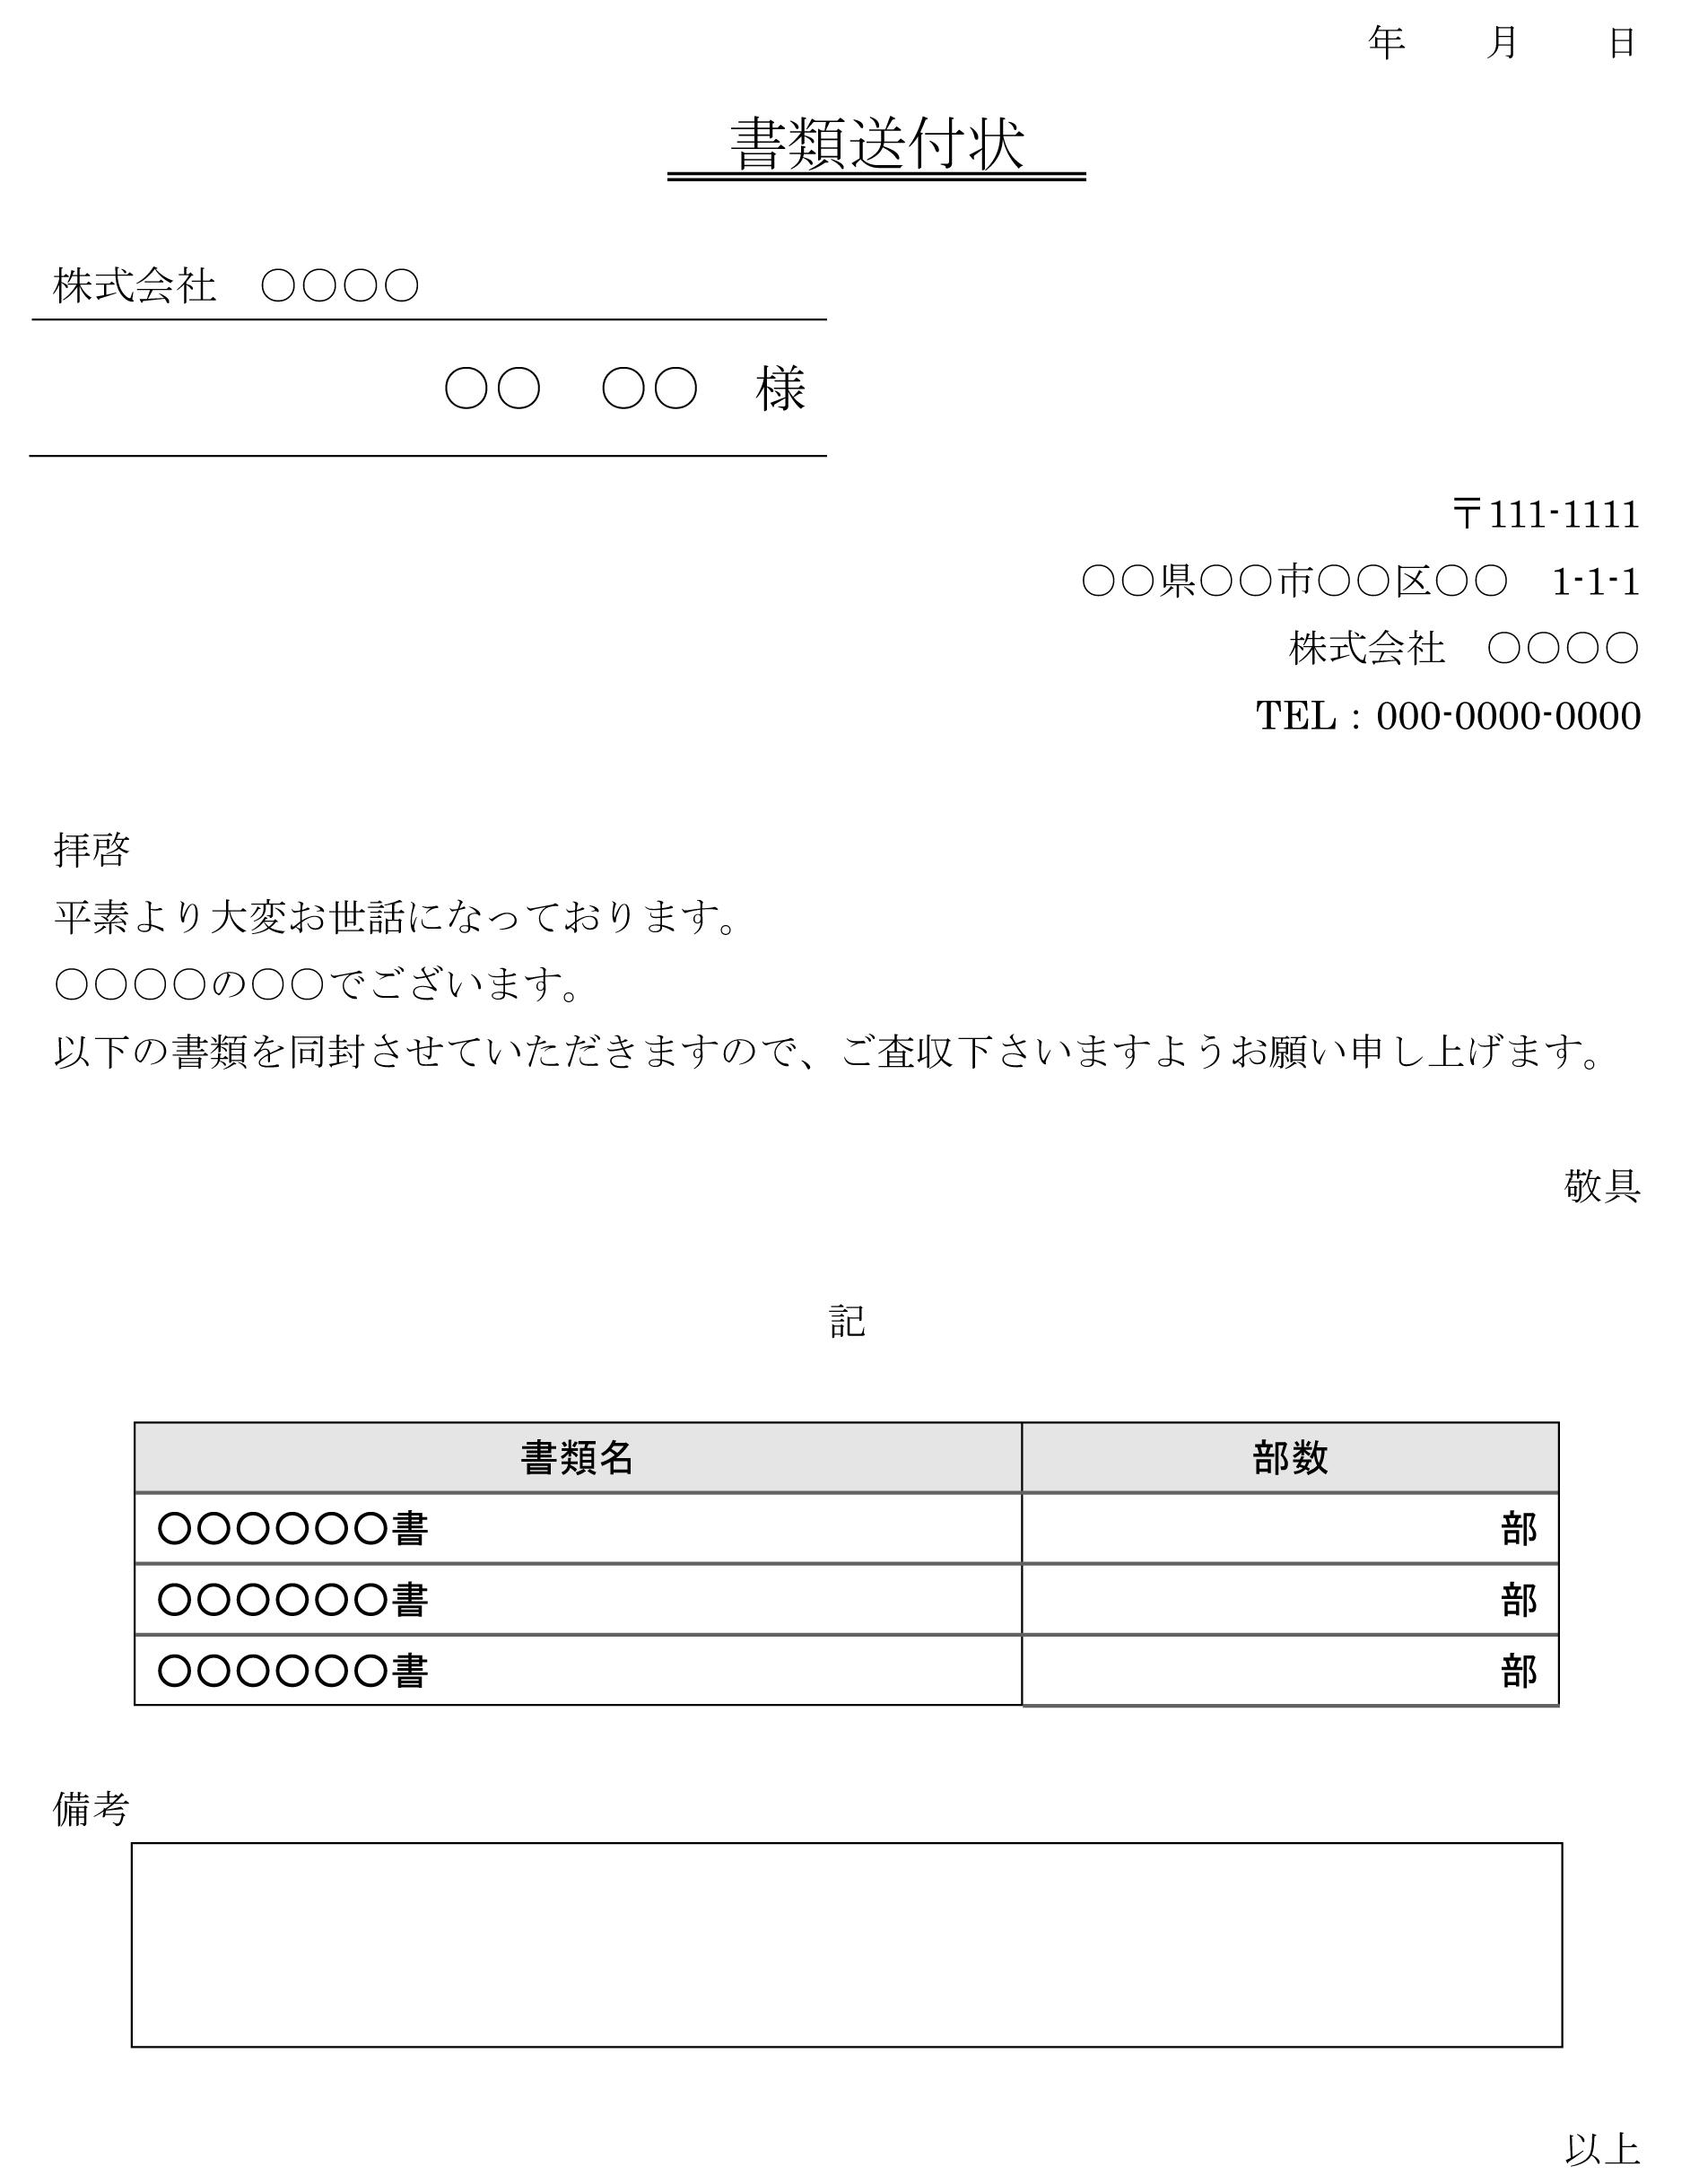 書類送付状04